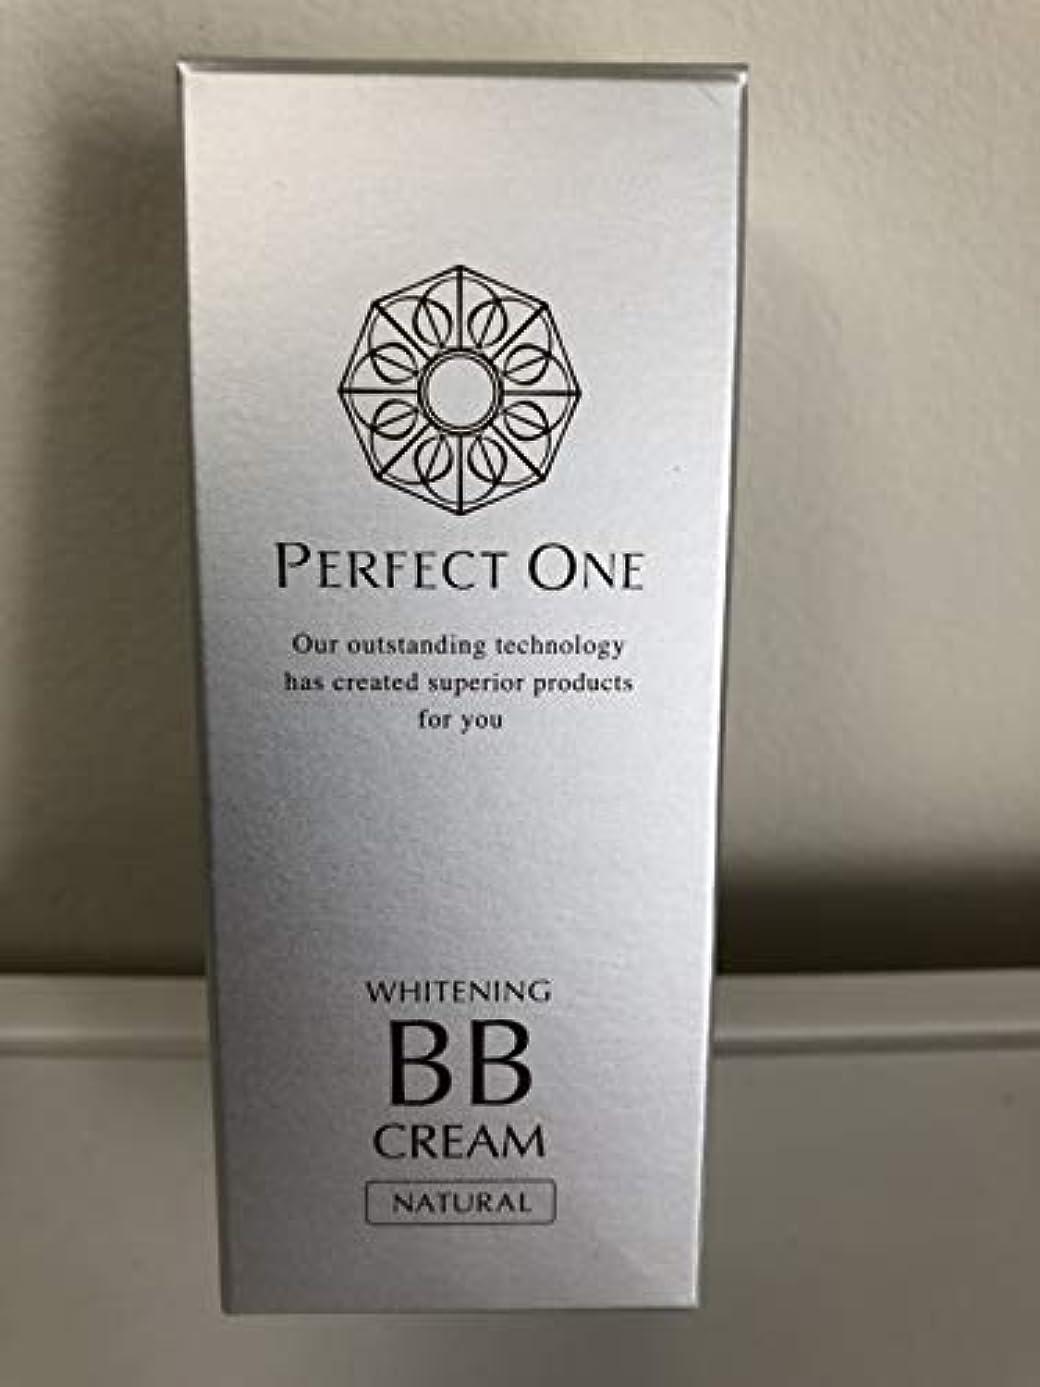 印刷する曲線とんでもない新日本製薬 パーフェクトワン 薬用ホワイトニングBBクリーム ナチュラル 25g